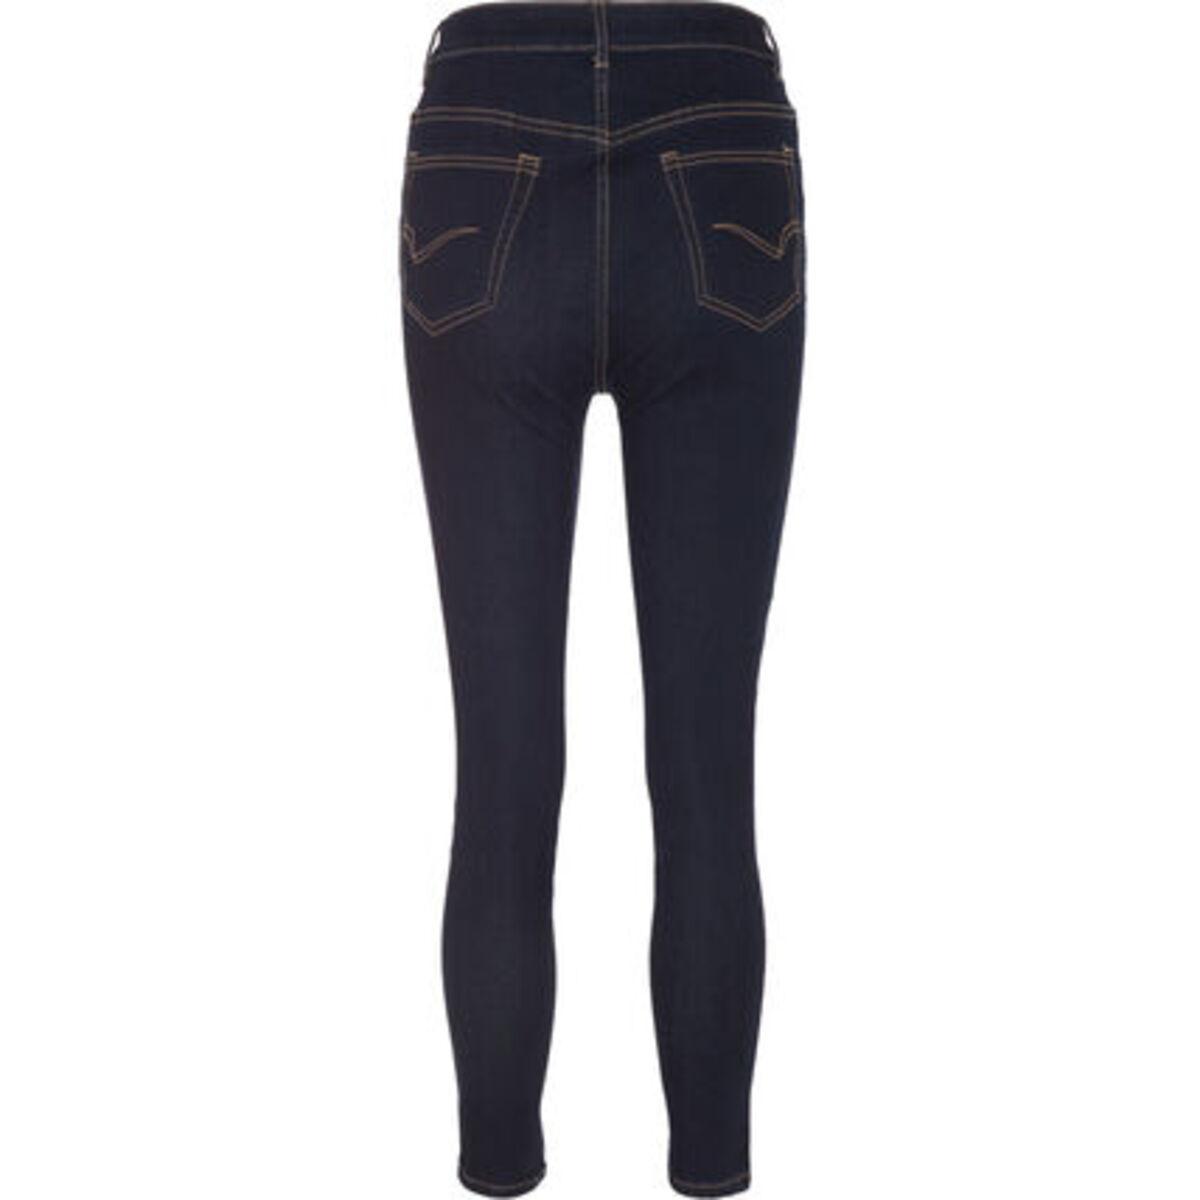 Bild 3 von MANGUUN Jeans, Skinny Fit, Kontrastnähte, für Damen